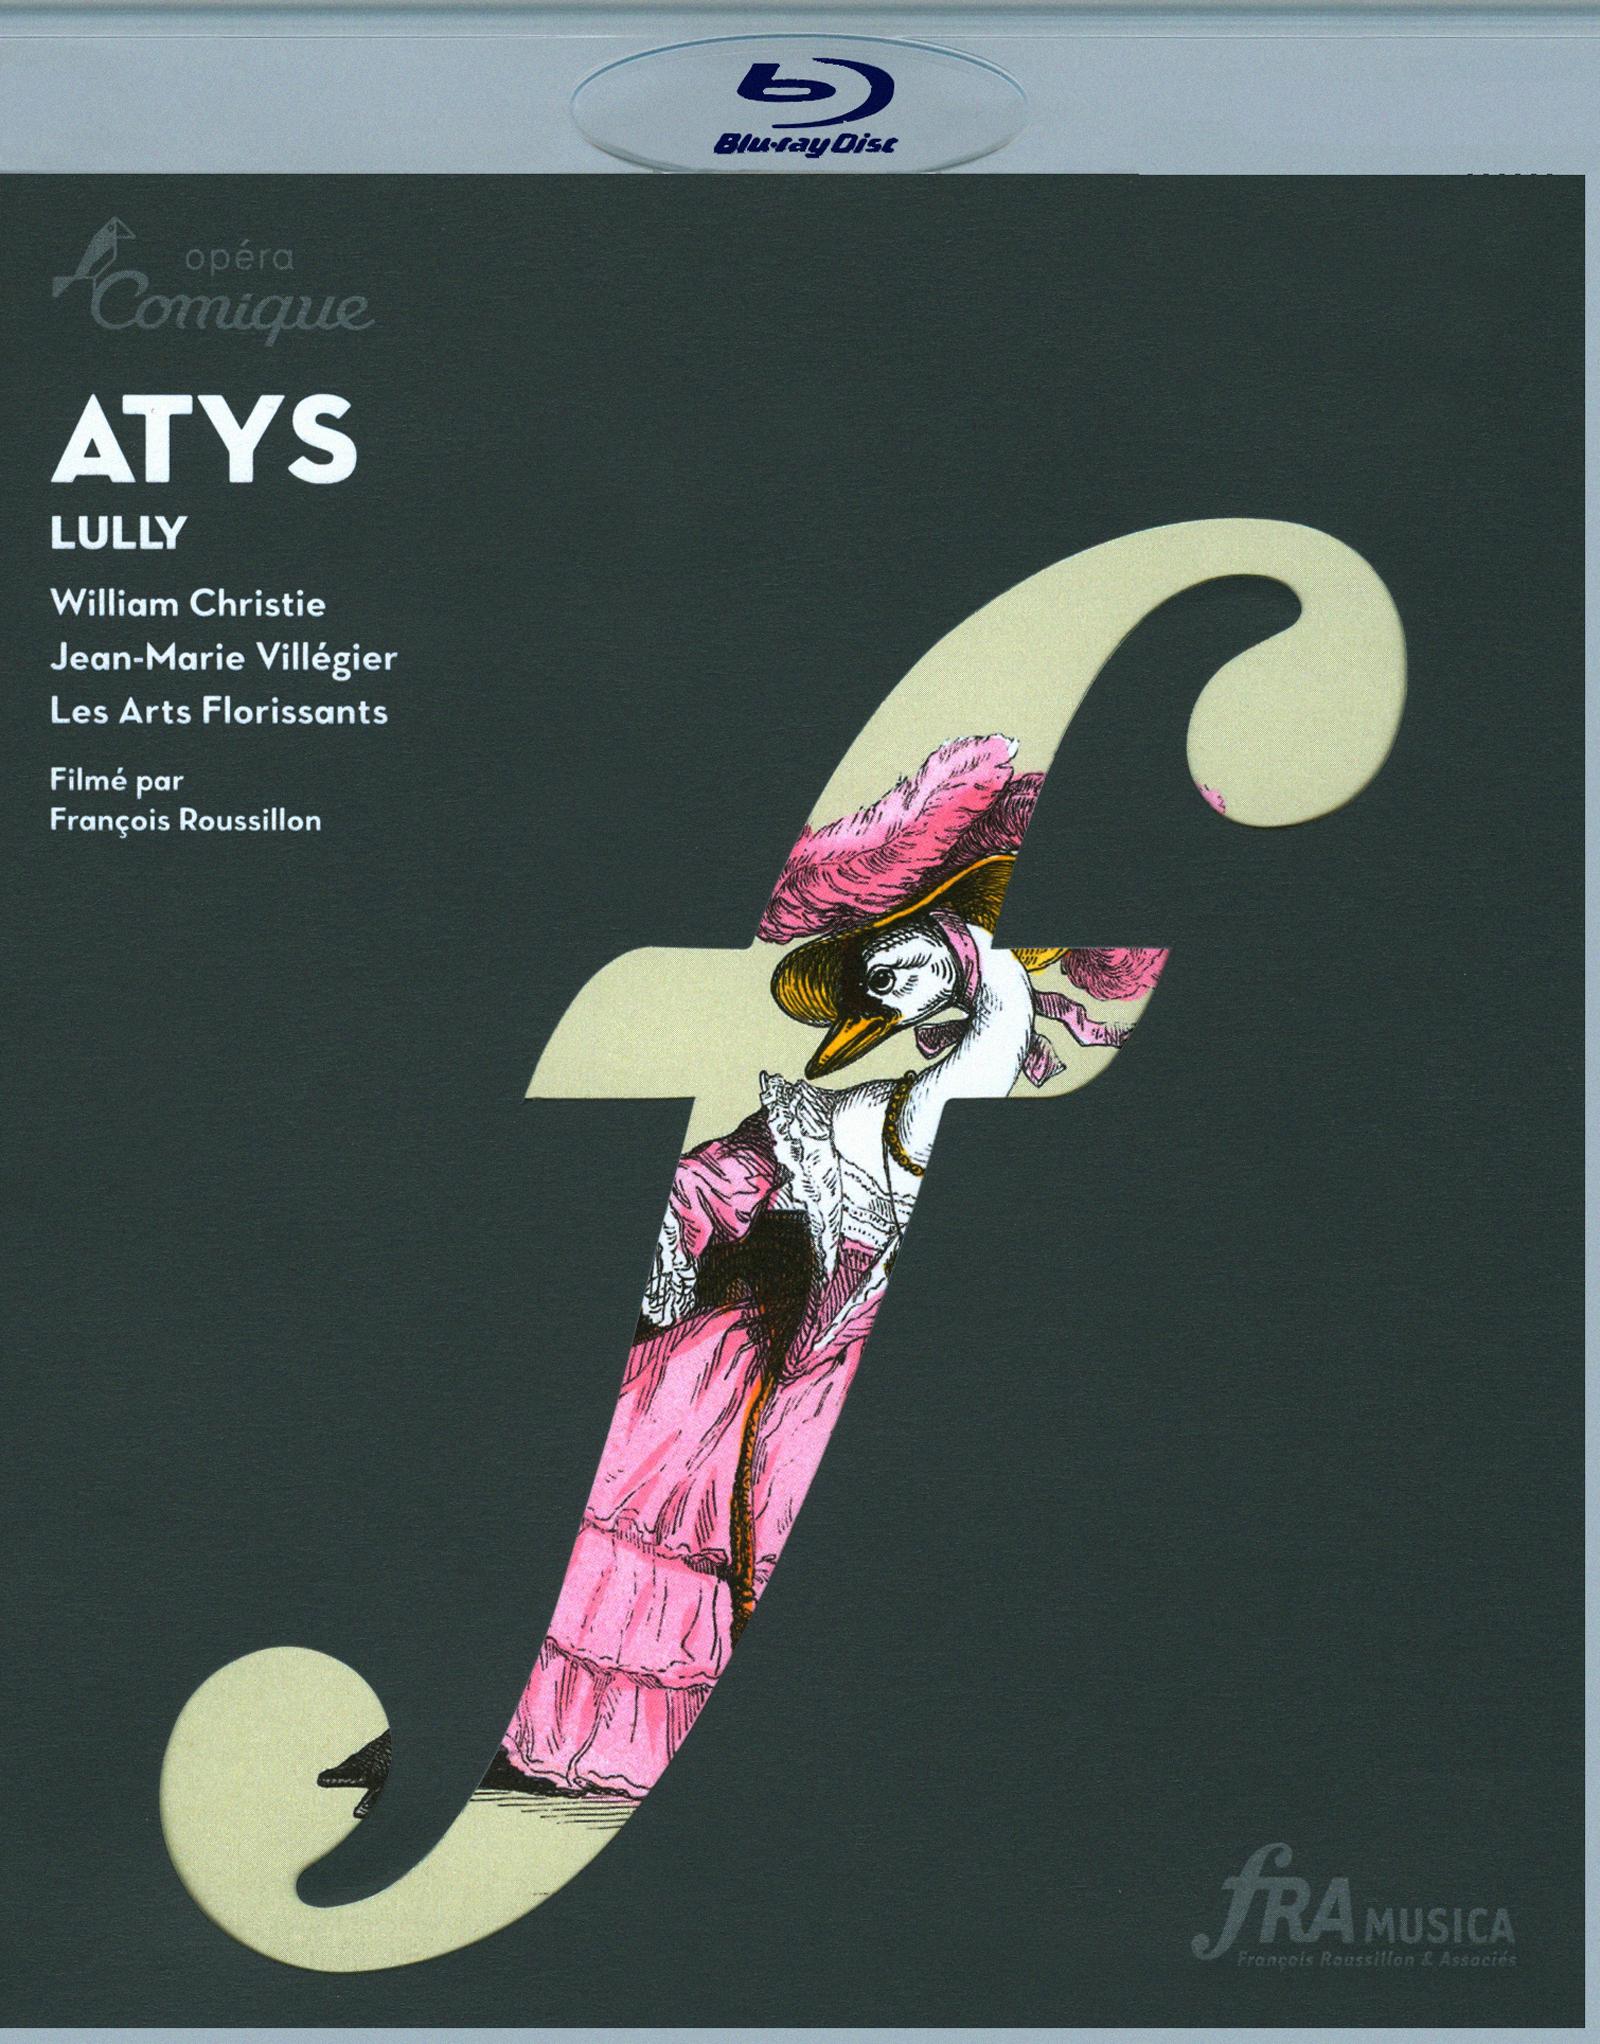 Atys (Opéra Comique)